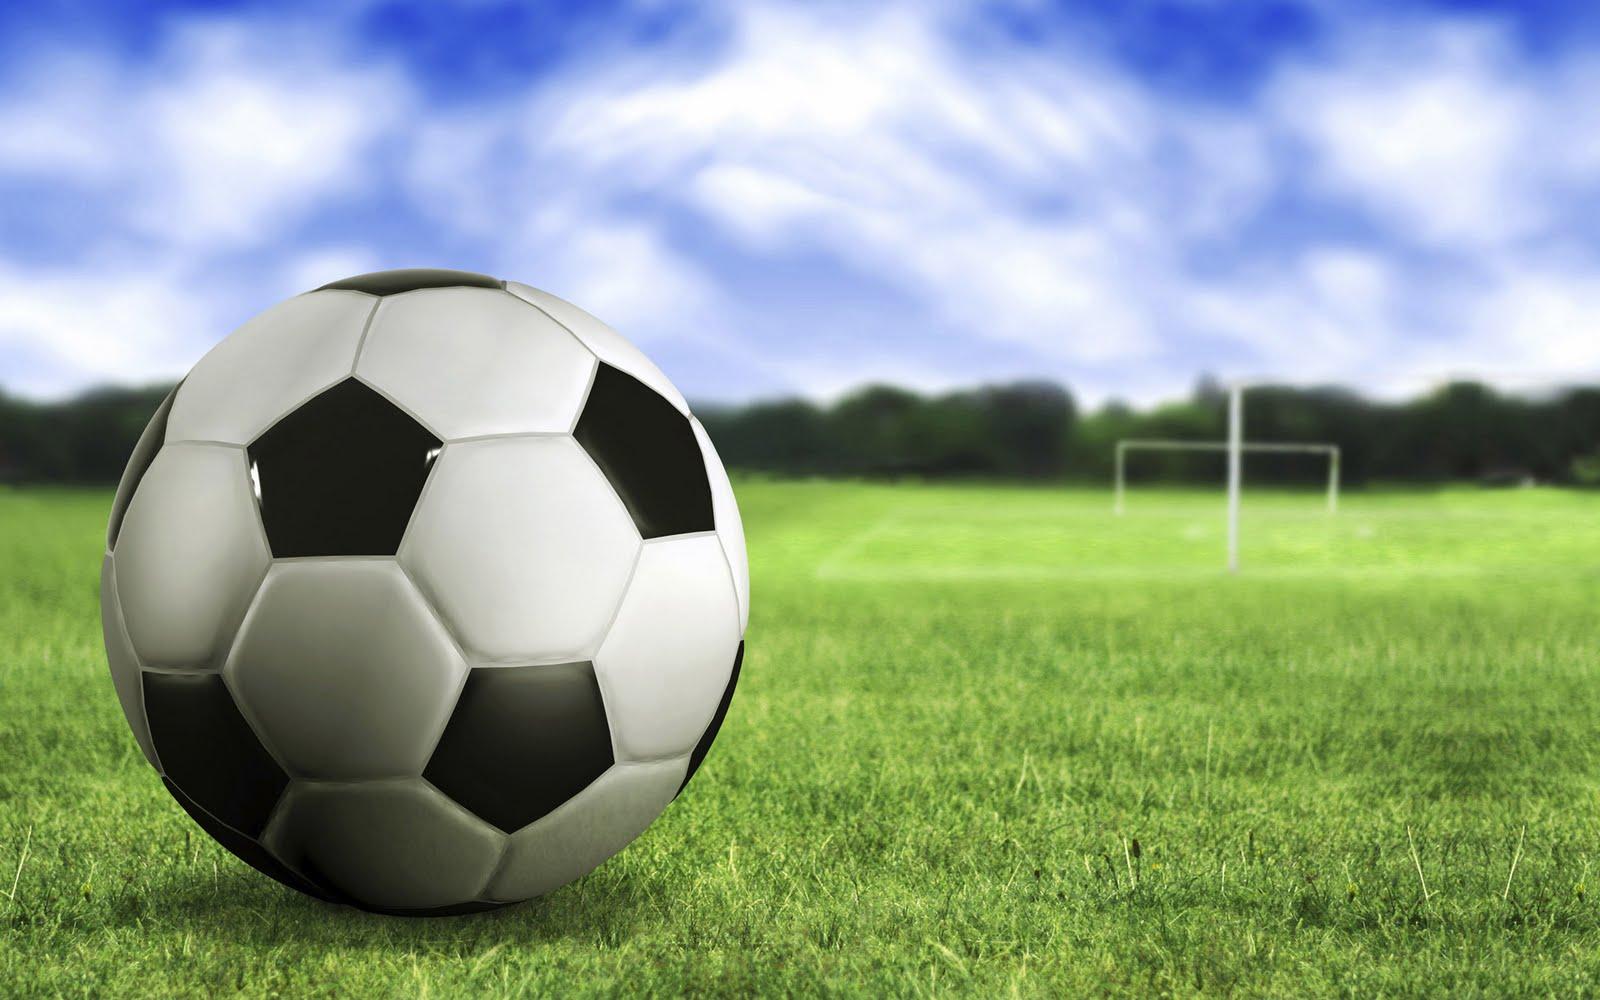 Soccer Wallpaper For Desktop: Football Wallpaper: HD Football Soccer Wallpaper Pictures